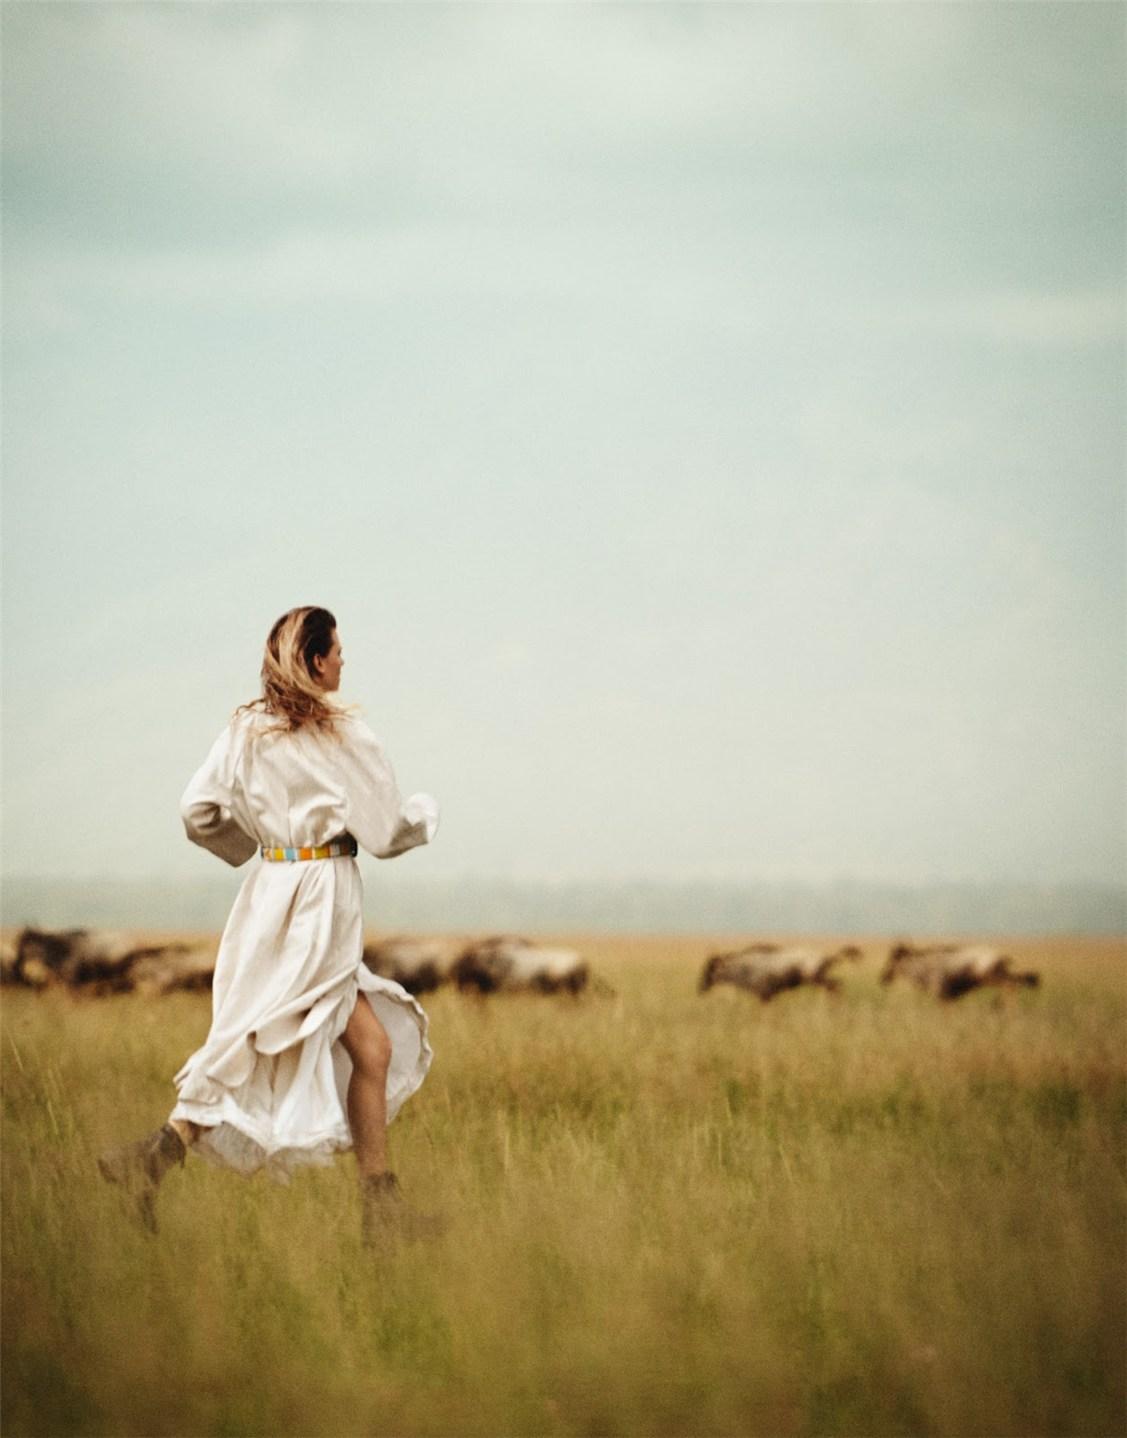 в Африке с Констанс Яблонски / Constance Jablonski by Boo George - Porter summer 2016